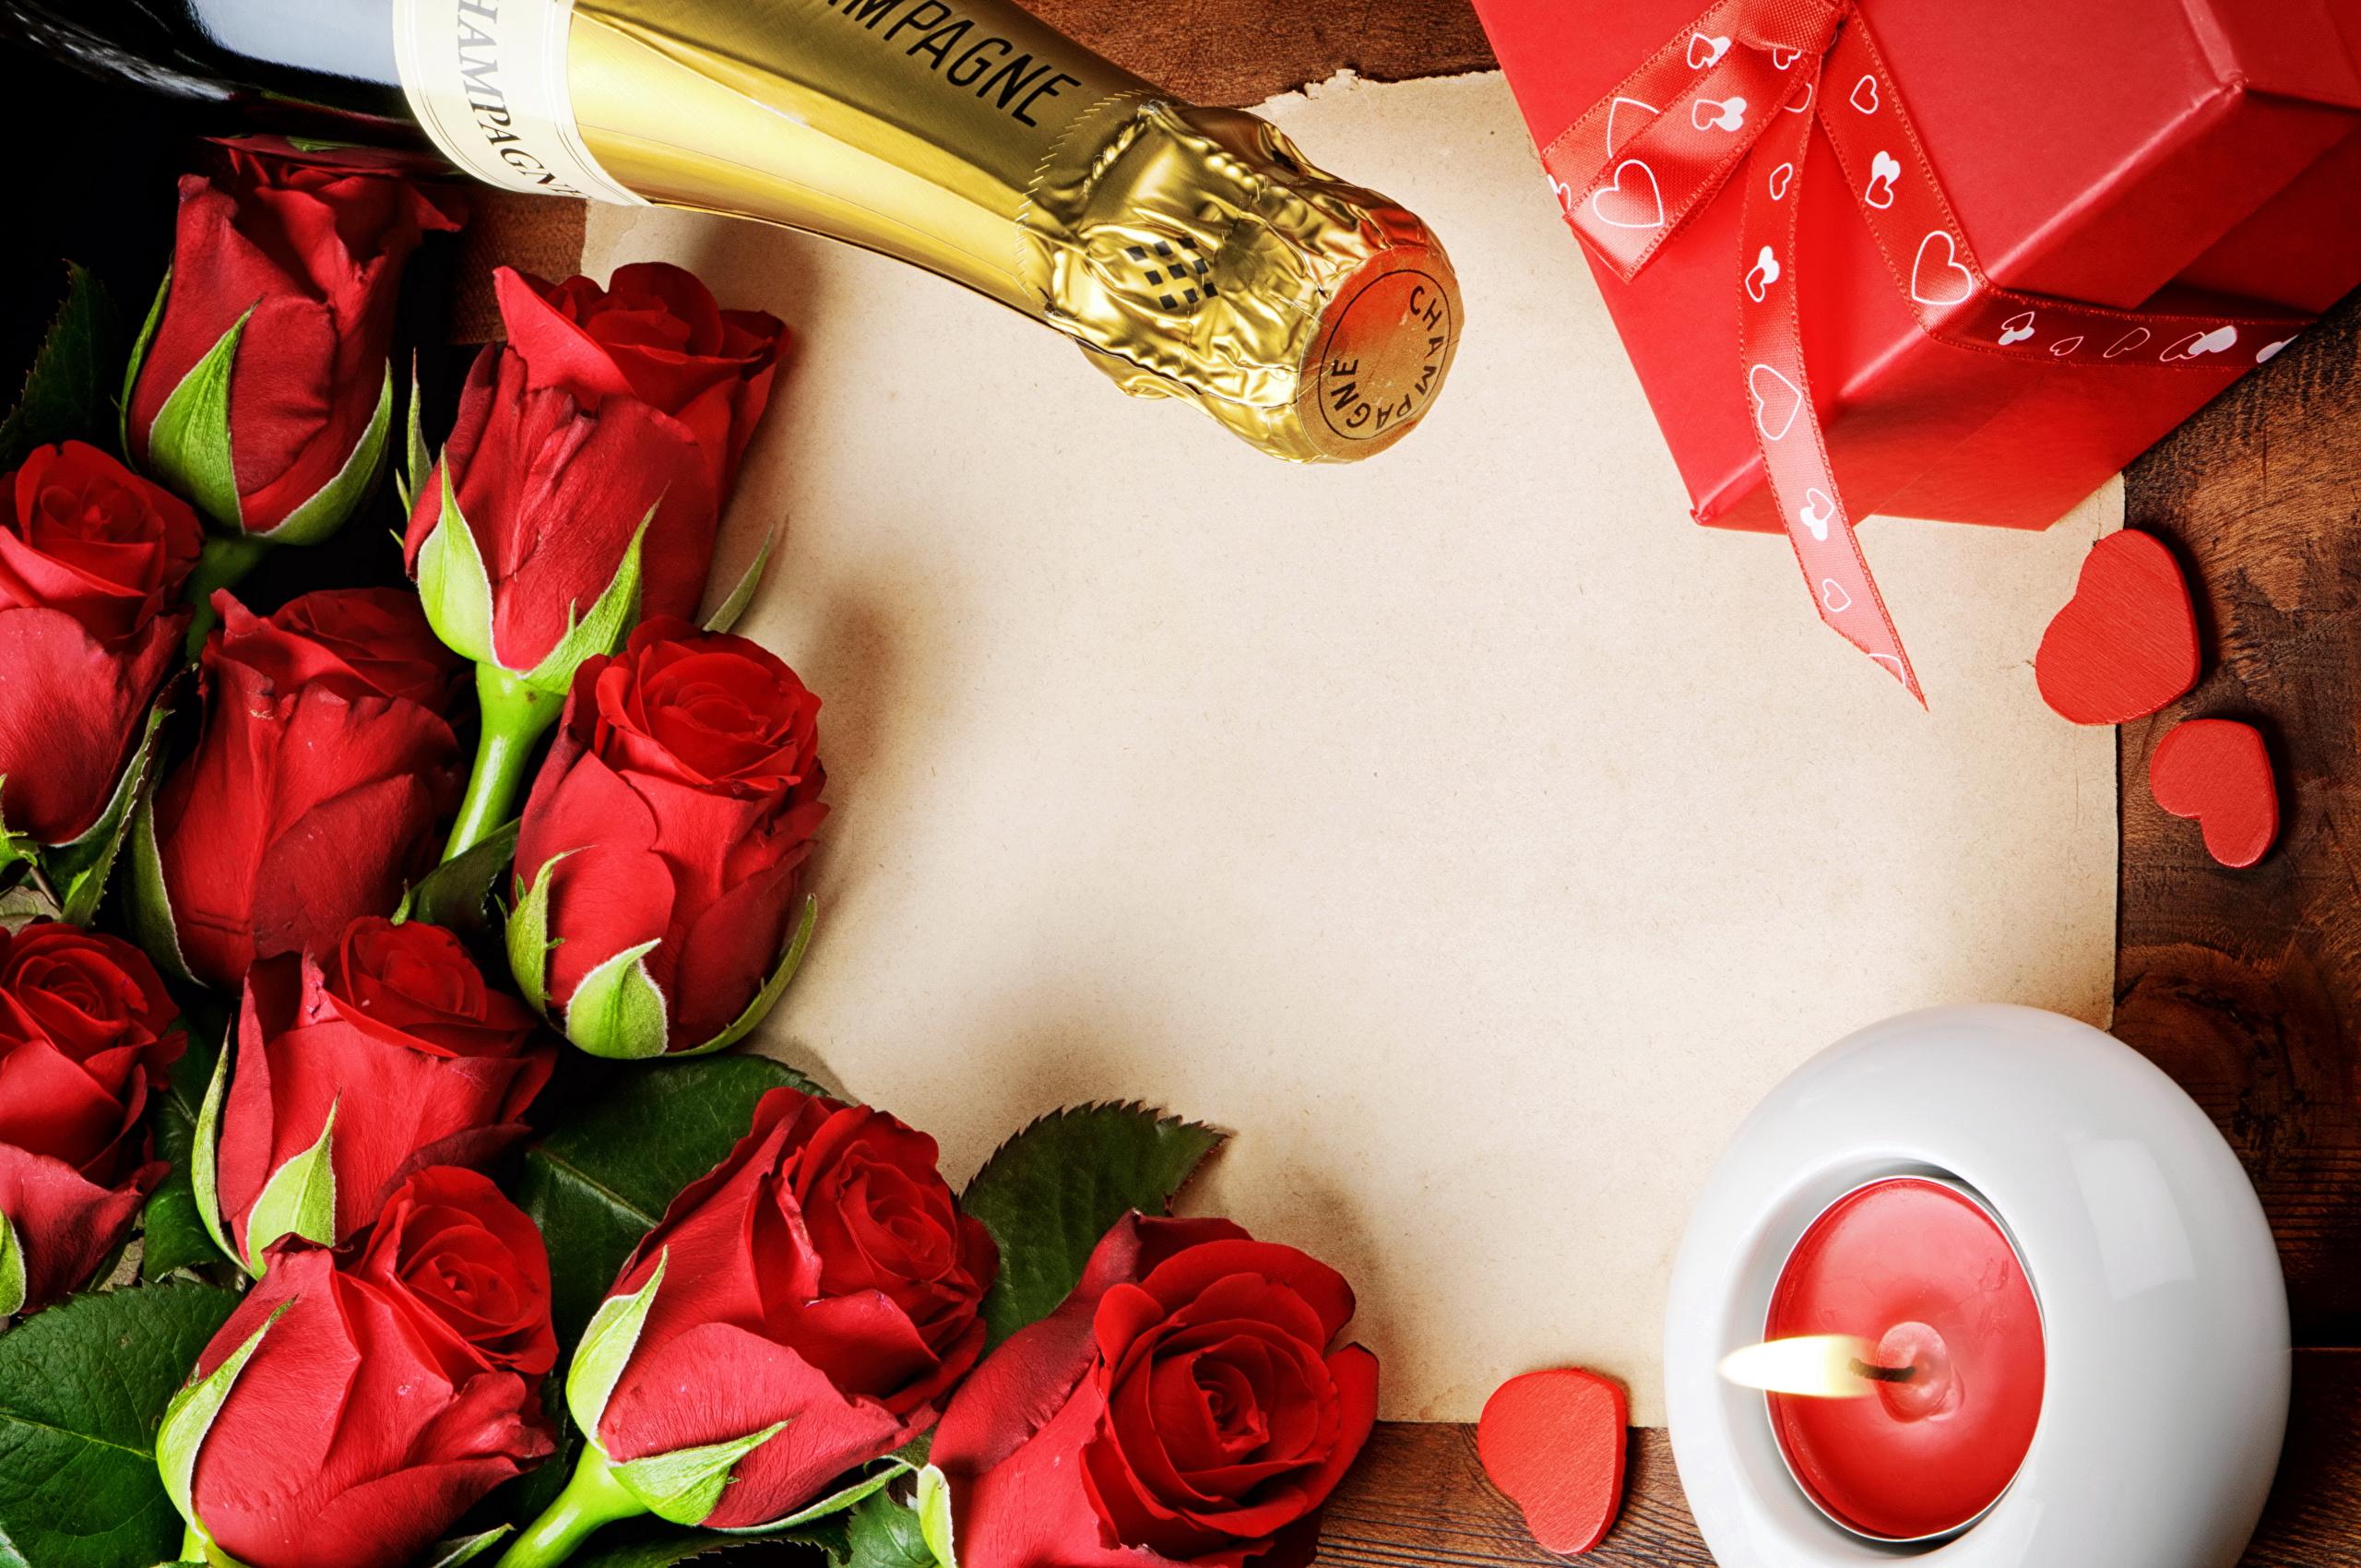 Цветы шампанское подарок фото